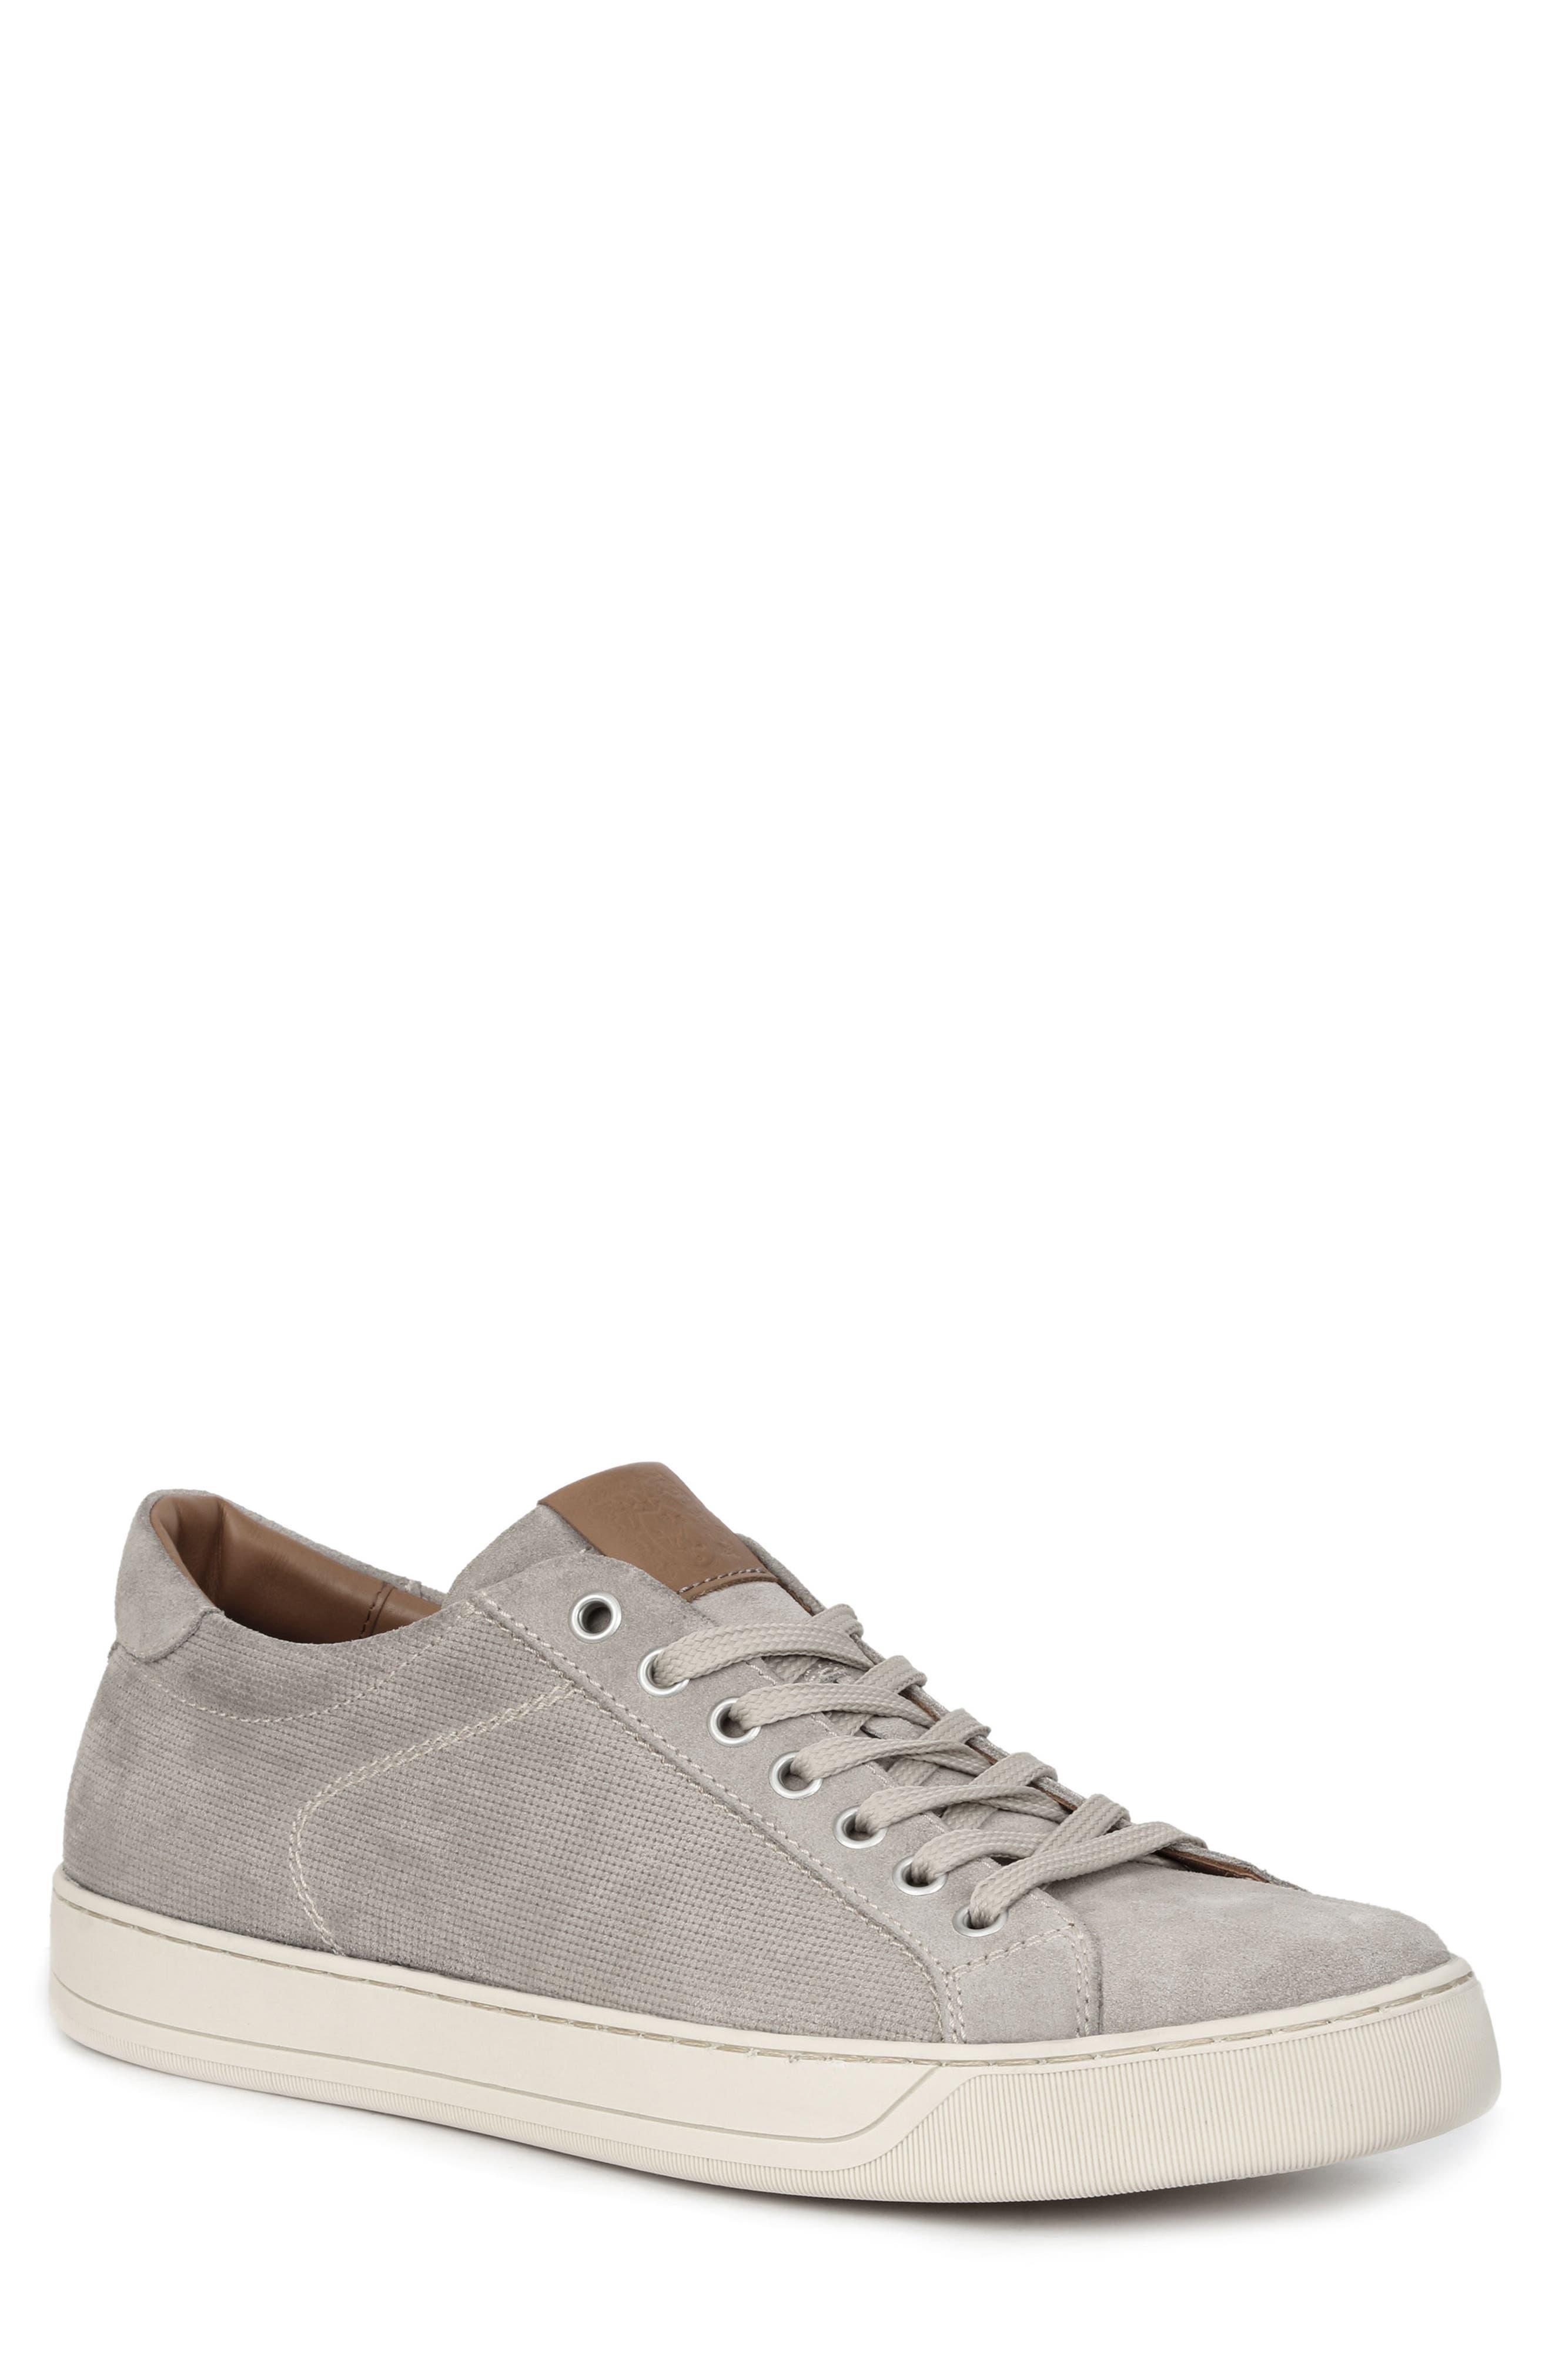 Walter Sneaker,                         Main,                         color, Grey